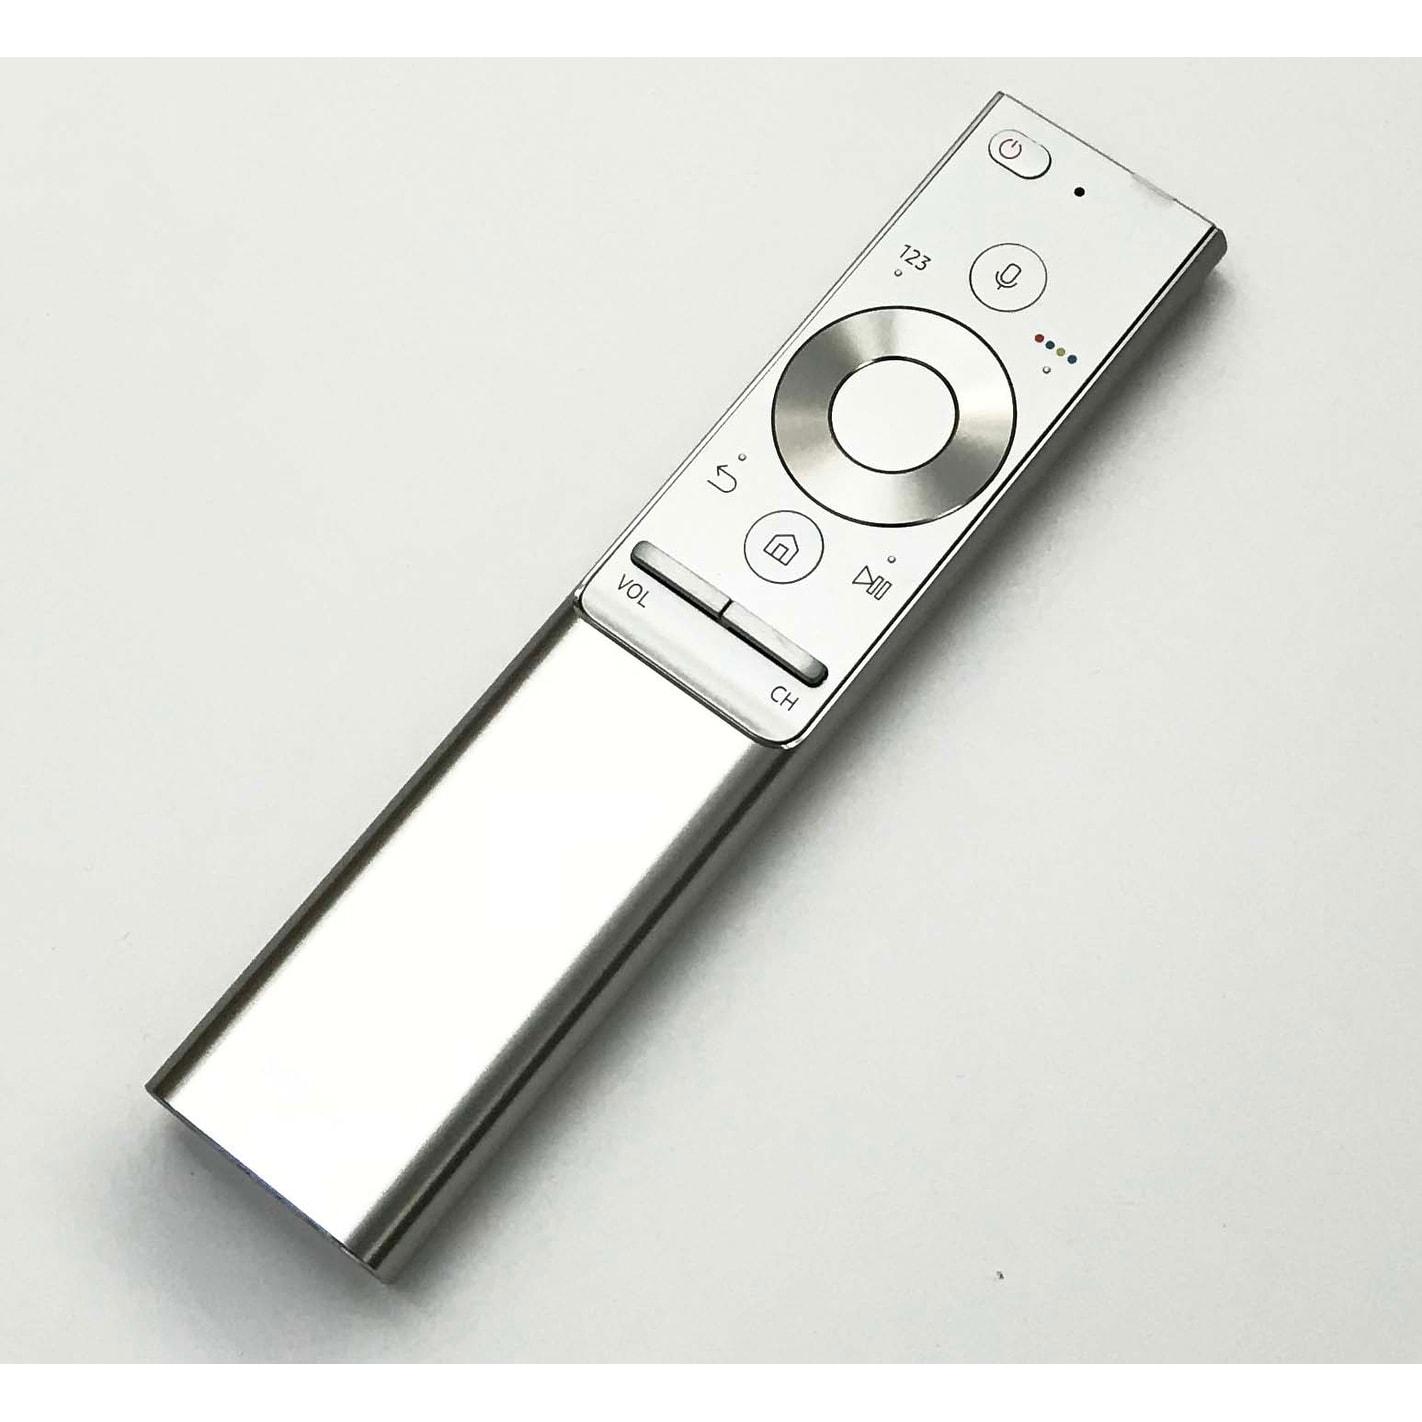 OEM Samsung Remote Control Originally for Samsung UN43KU7000F UN43KU7000FXZA UN55KS800DFXZA UN55KS800DF